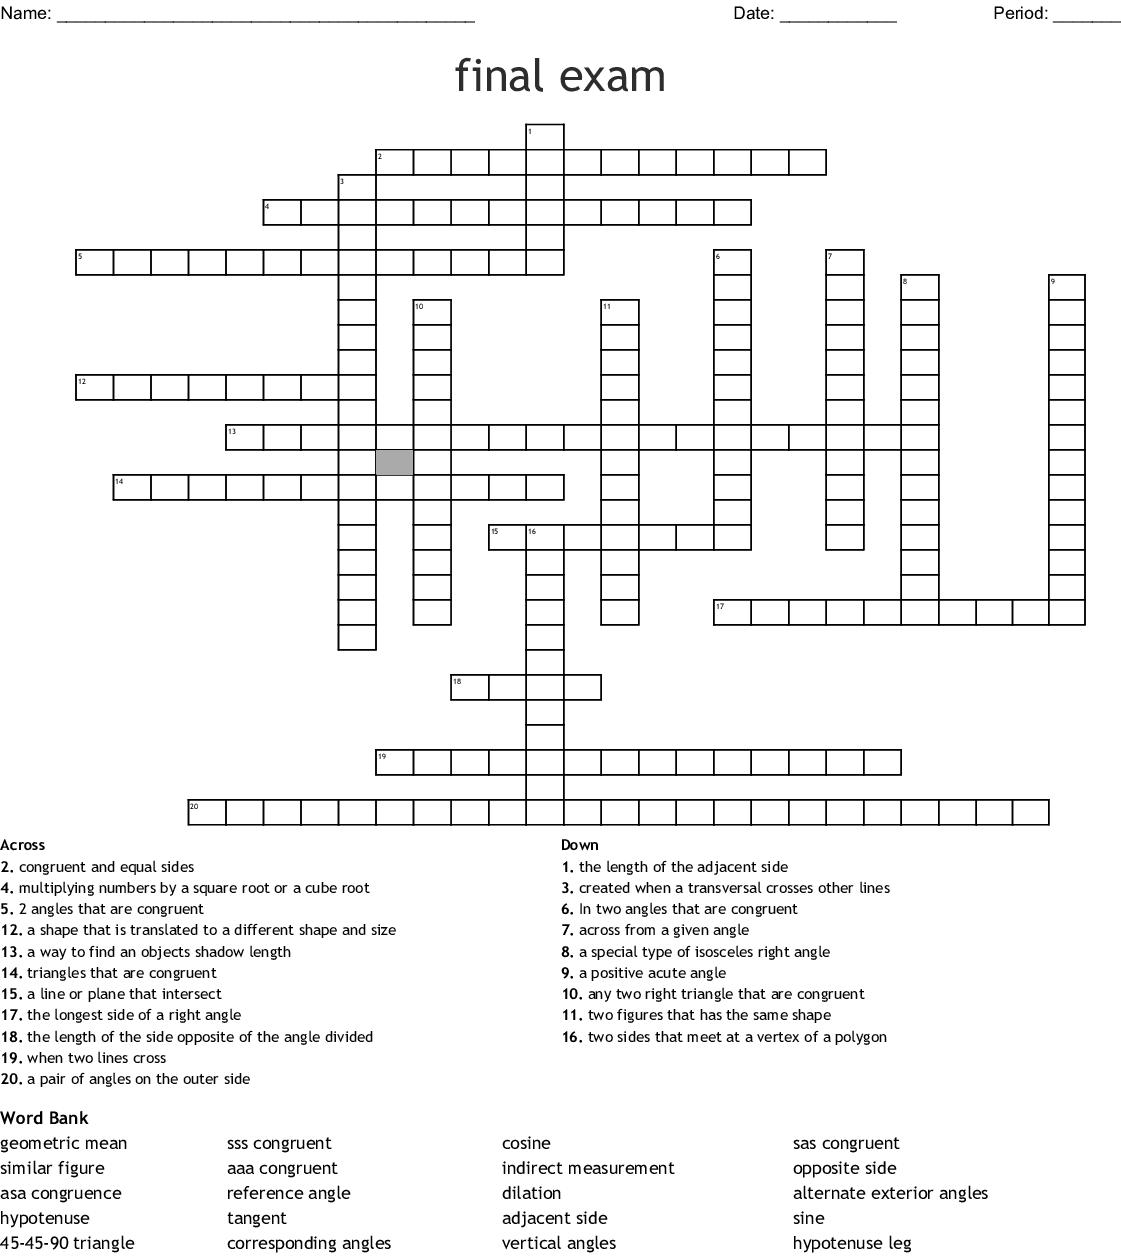 Final Exam Crossword